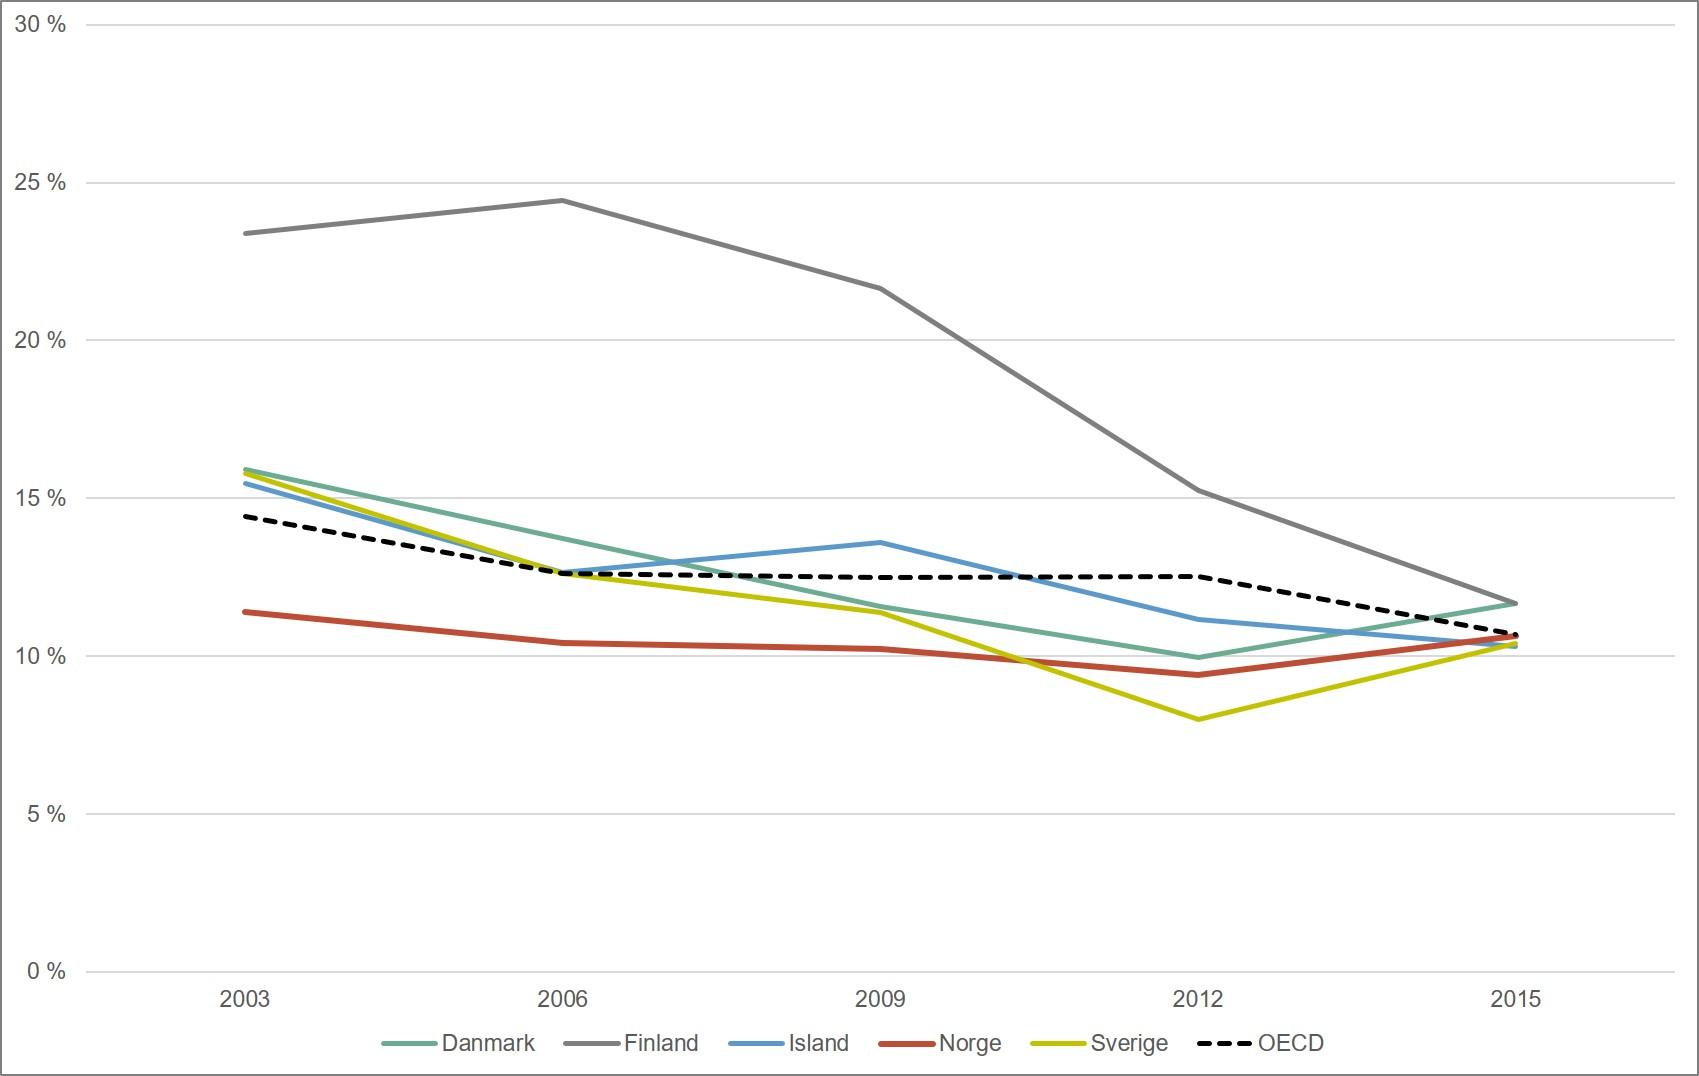 Andel elever som skårer på nivå 5 eller høyere. Nordiske land og OECD. 2003-2015. Merknad: OECD har blitt utvidet i perioden, slik at OECD-snittet ikke er helt sammenliknbart over tid.